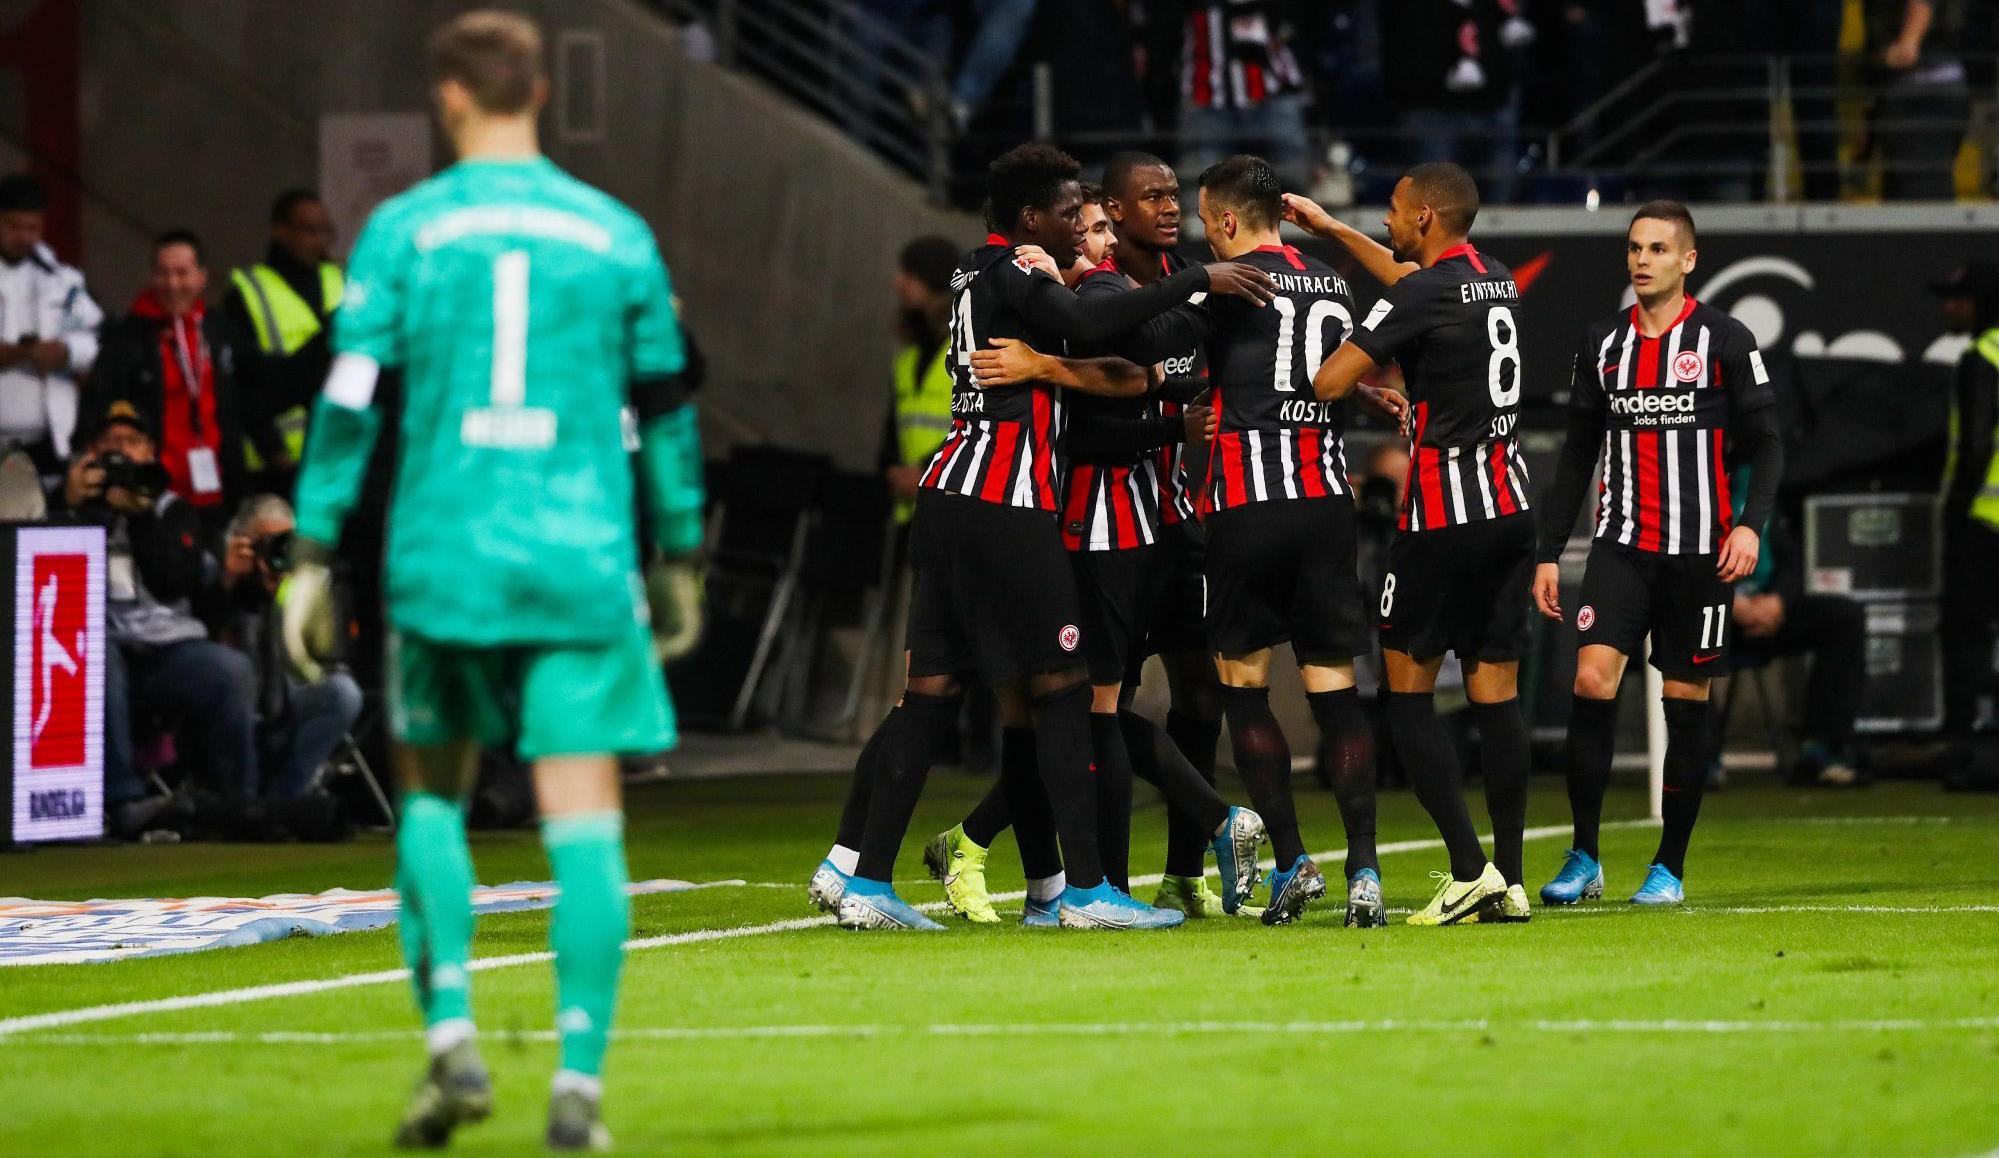 Eintracht Frankfurt - Europa League